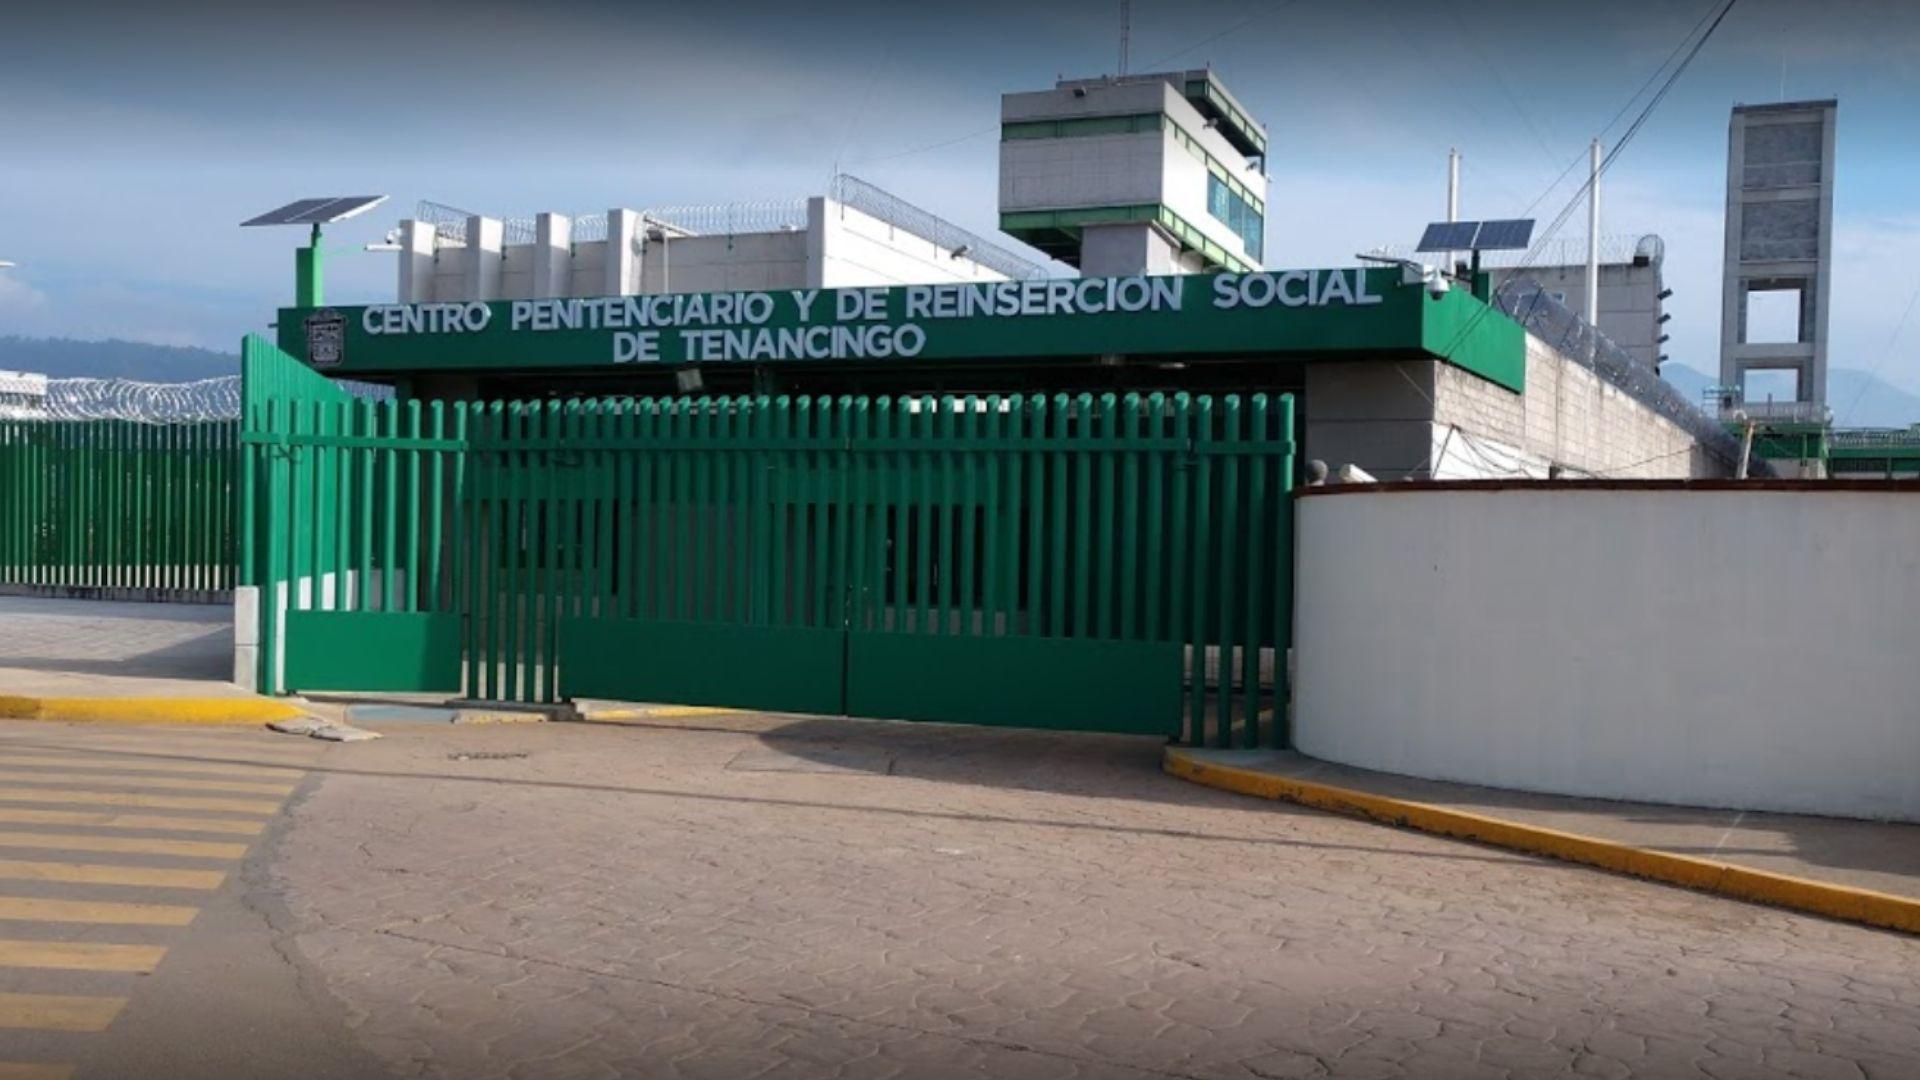 Los primeros informes indicaron que se escucharon disparos al interior del Centro Penitenciario de Tenancingo (Foto: Google Maps)